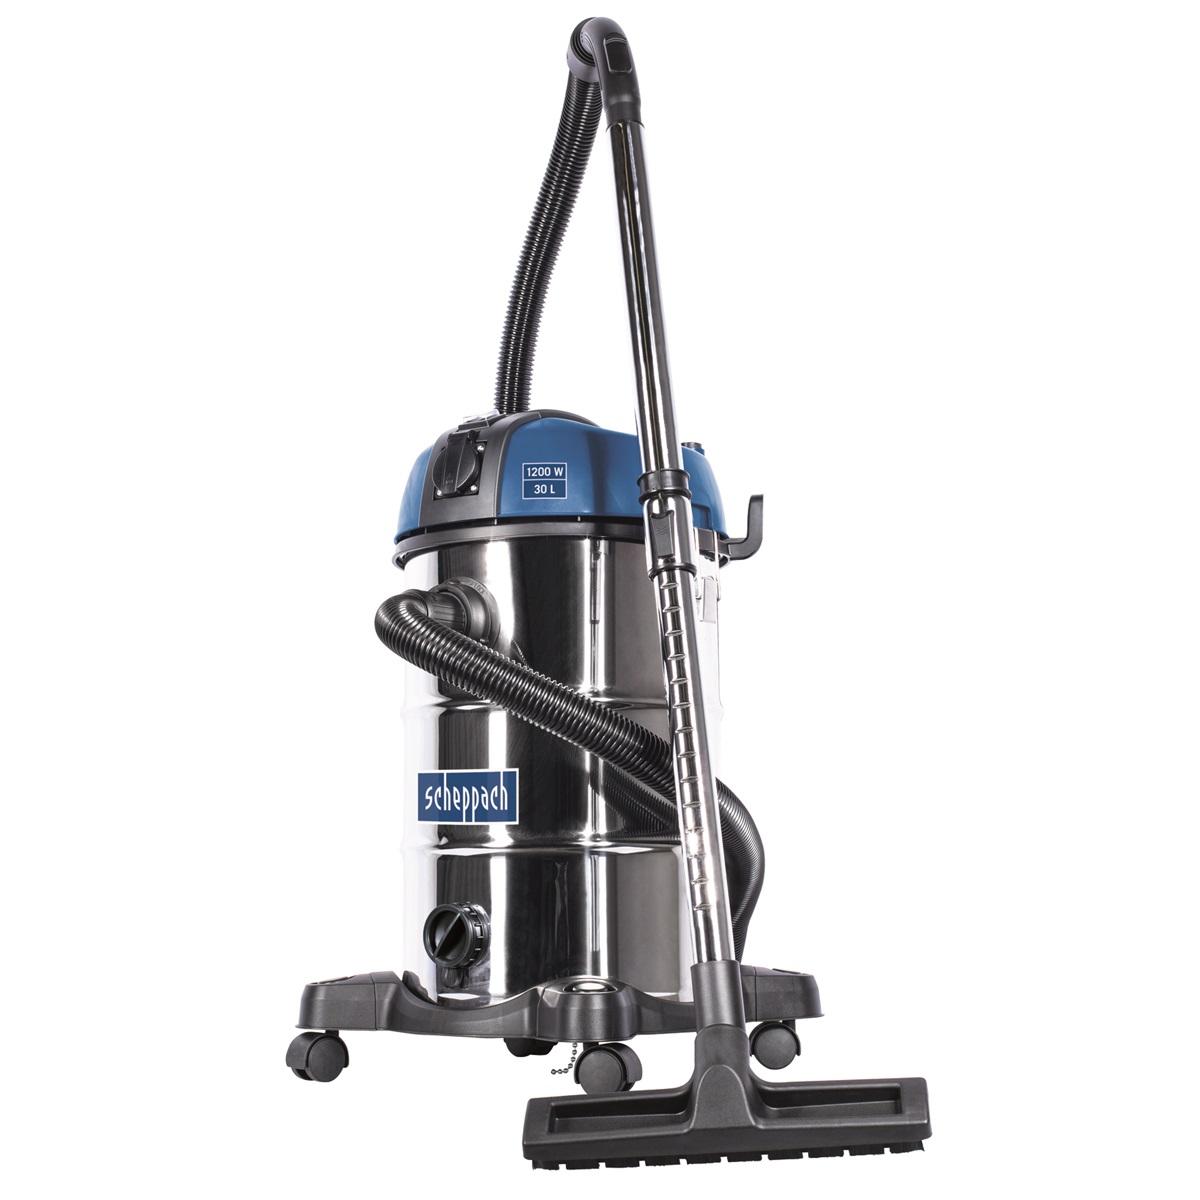 Scheppach ASP 30 PLUS průmyslový vysavač na suché/mokré vysávání 30 l s mechanickým oklepem filtru